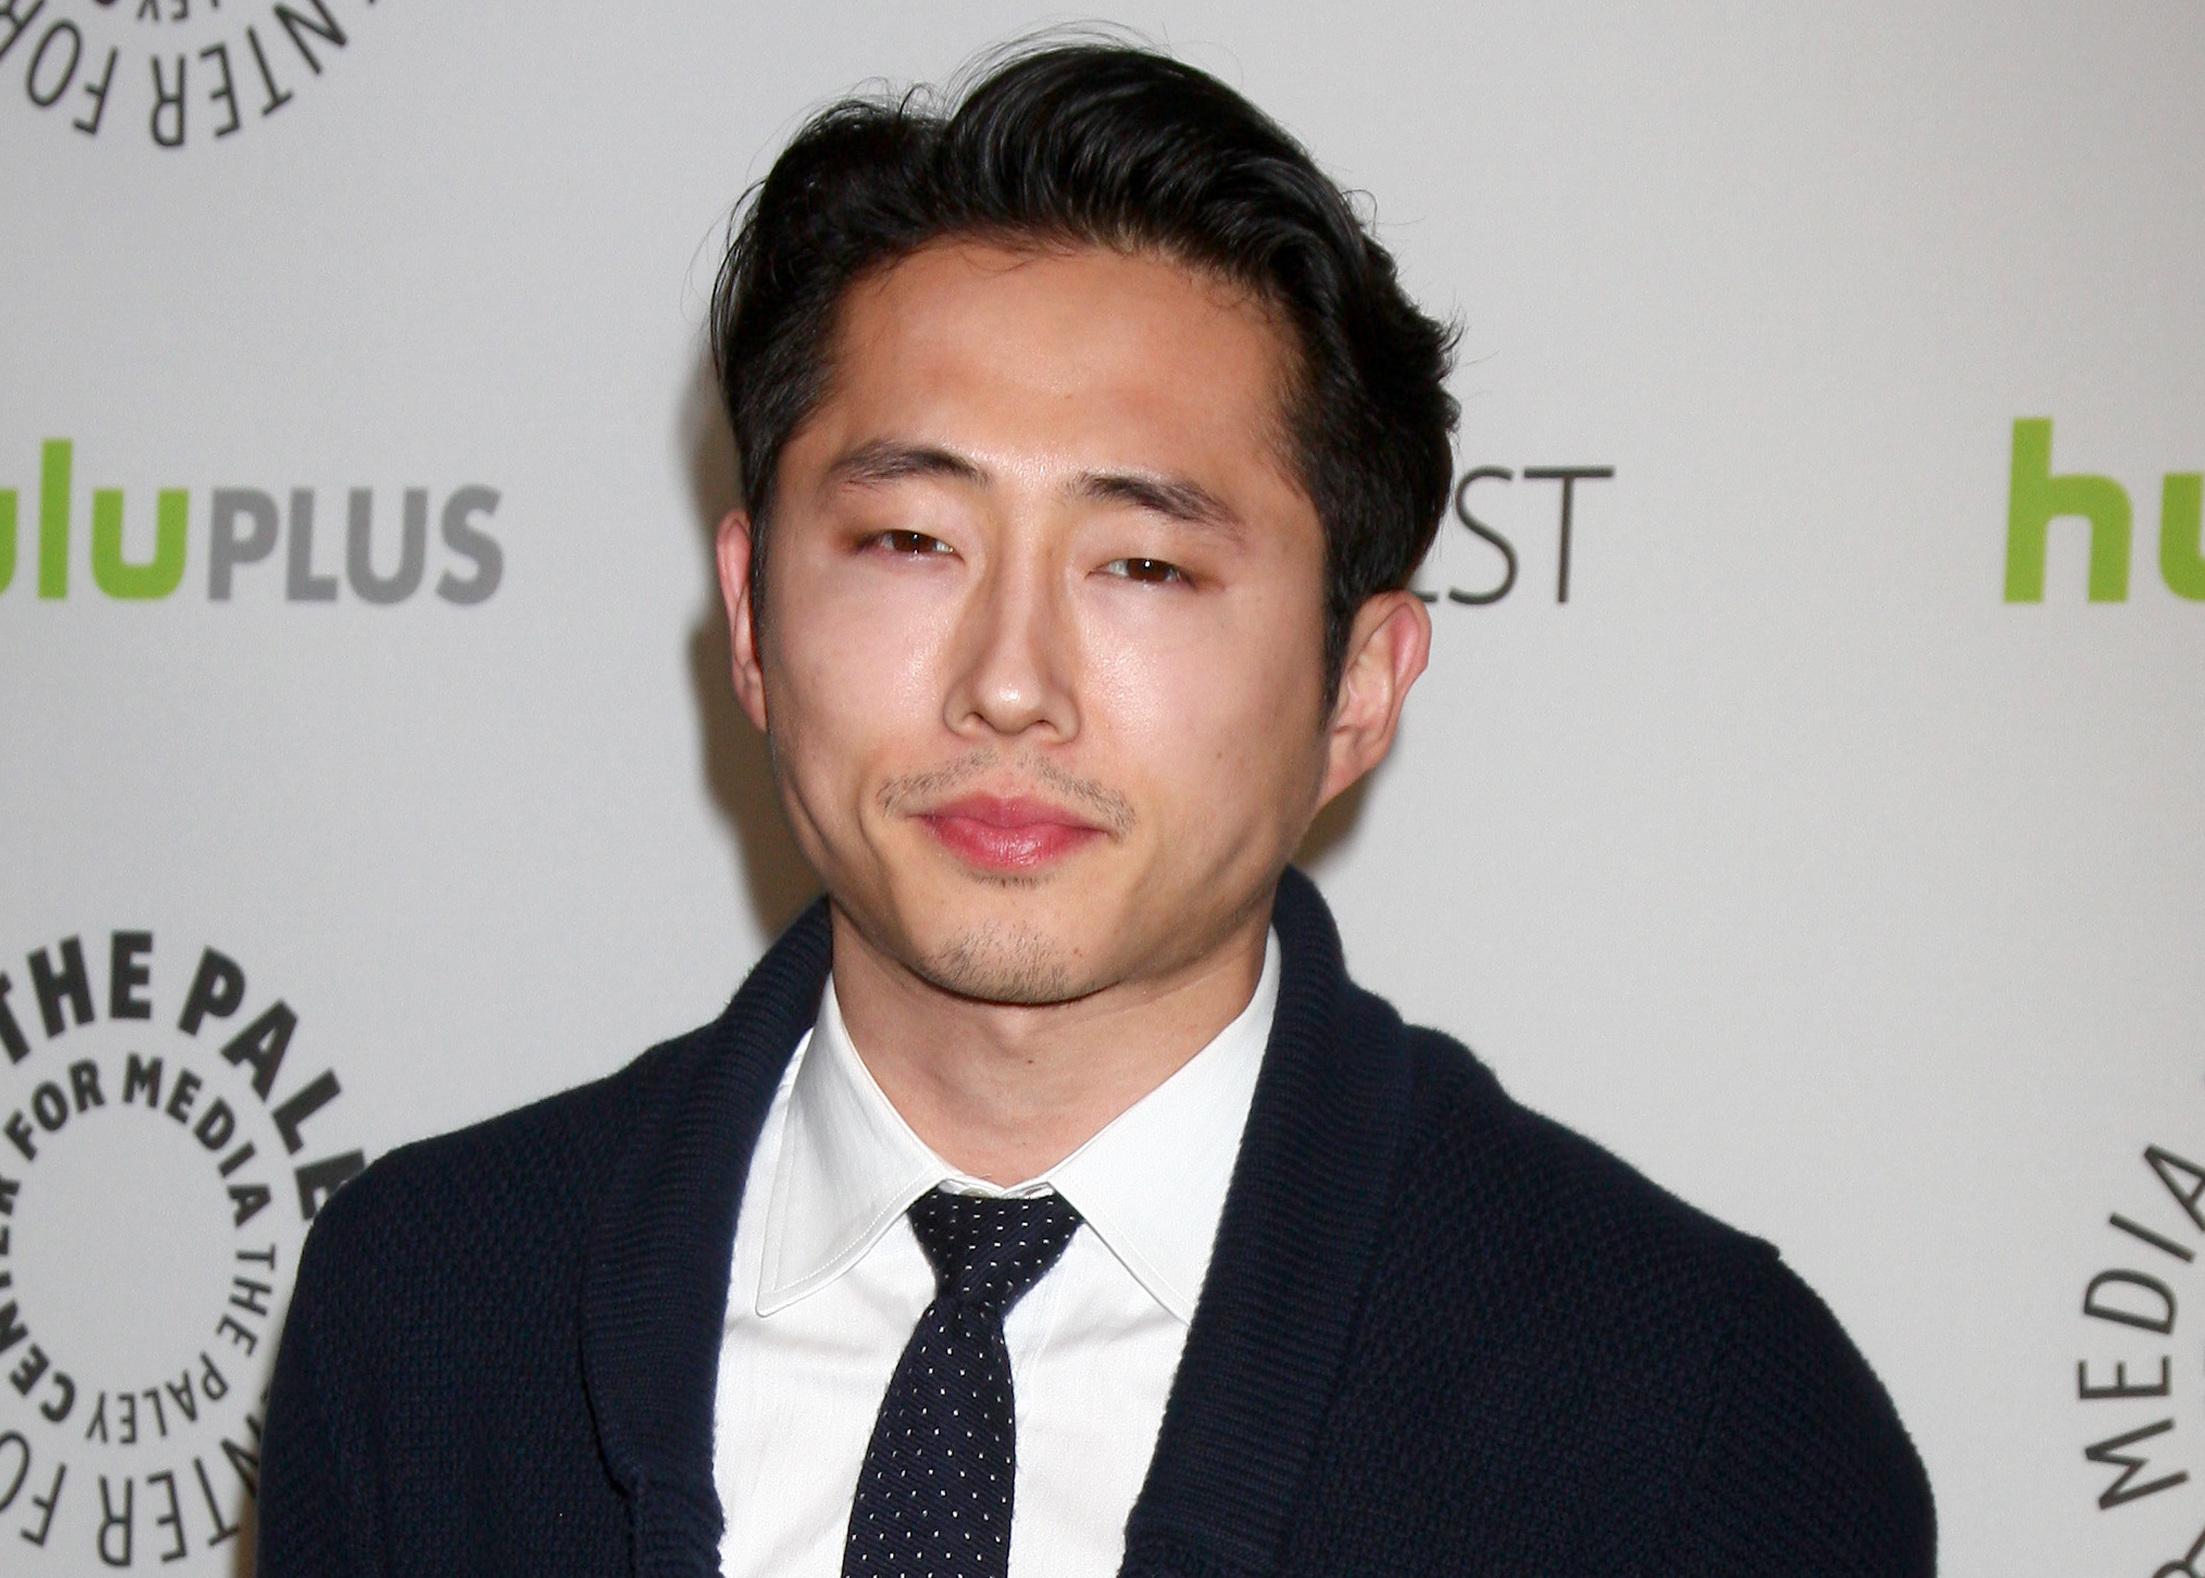 Стивен Ян стал первым американским актером азиатского происхождения, номинированным на «Оскар» за лучшую мужскую роль